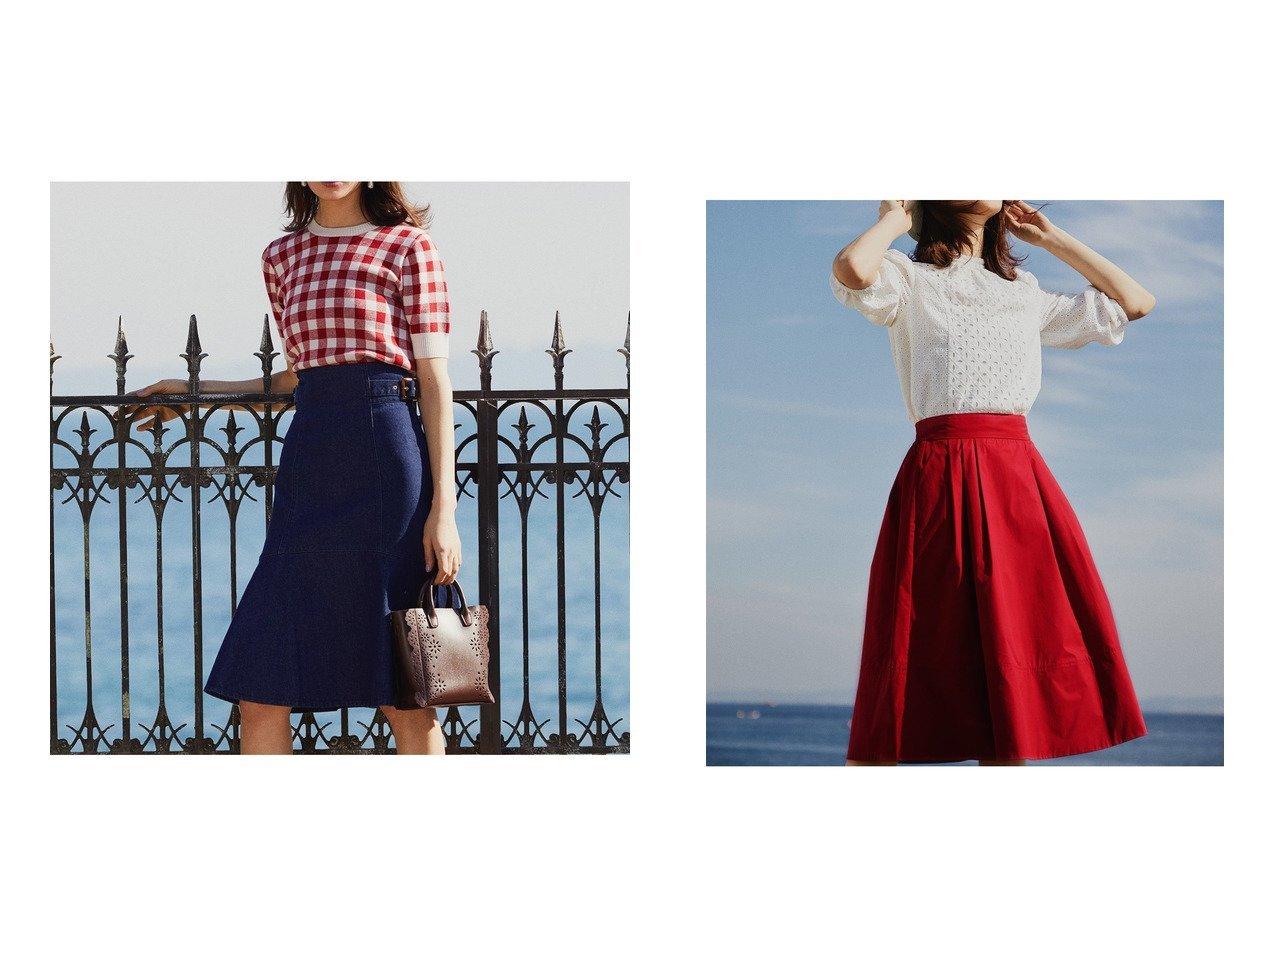 【31 Sons de mode/トランテアン ソン ドゥ モード】のサイドバックルマーメイドスカート&タイプライターカラースカート スカートのおすすめ!人気、トレンド・レディースファッションの通販 おすすめで人気の流行・トレンド、ファッションの通販商品 メンズファッション・キッズファッション・インテリア・家具・レディースファッション・服の通販 founy(ファニー) https://founy.com/ ファッション Fashion レディースファッション WOMEN スカート Skirt Aライン/フレアスカート Flared A-Line Skirts バッグ Bag NEW・新作・新着・新入荷 New Arrivals 2021年 2021 2021 春夏 S/S SS Spring/Summer 2021 S/S 春夏 SS Spring/Summer ギャザー タイプライター フレア ベーシック ラベンダー コンパクト マーメイド |ID:crp329100000023871